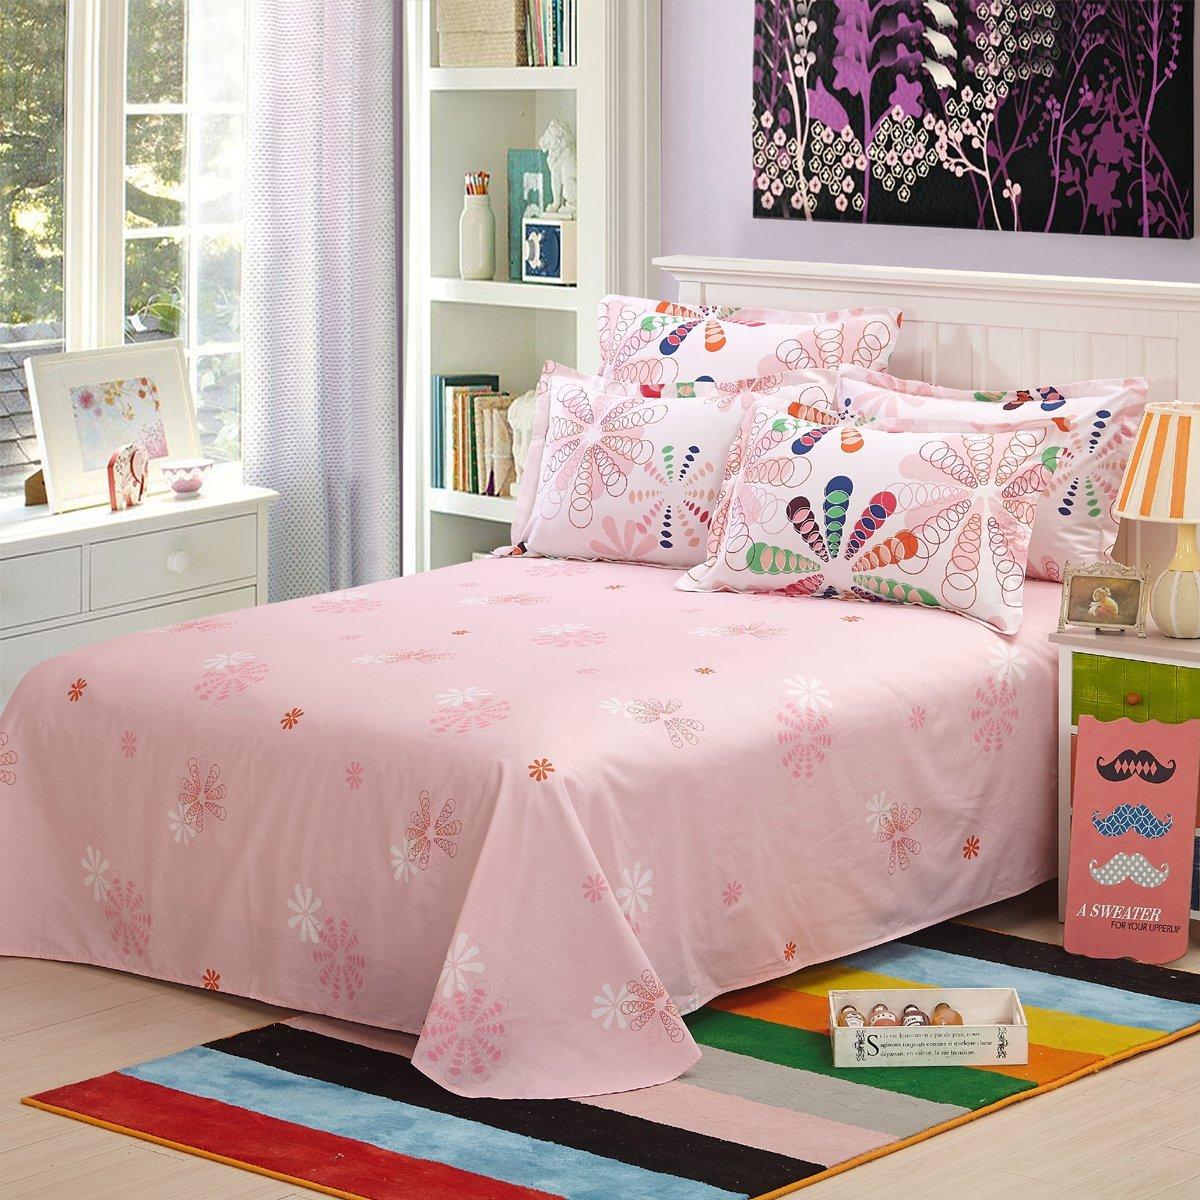 YOTA thỏ twill tem bốn mảnh AB Edition thiết kế giường áp dụng 1.5/1.8 mét (200*230cm) bảy màu hoa.